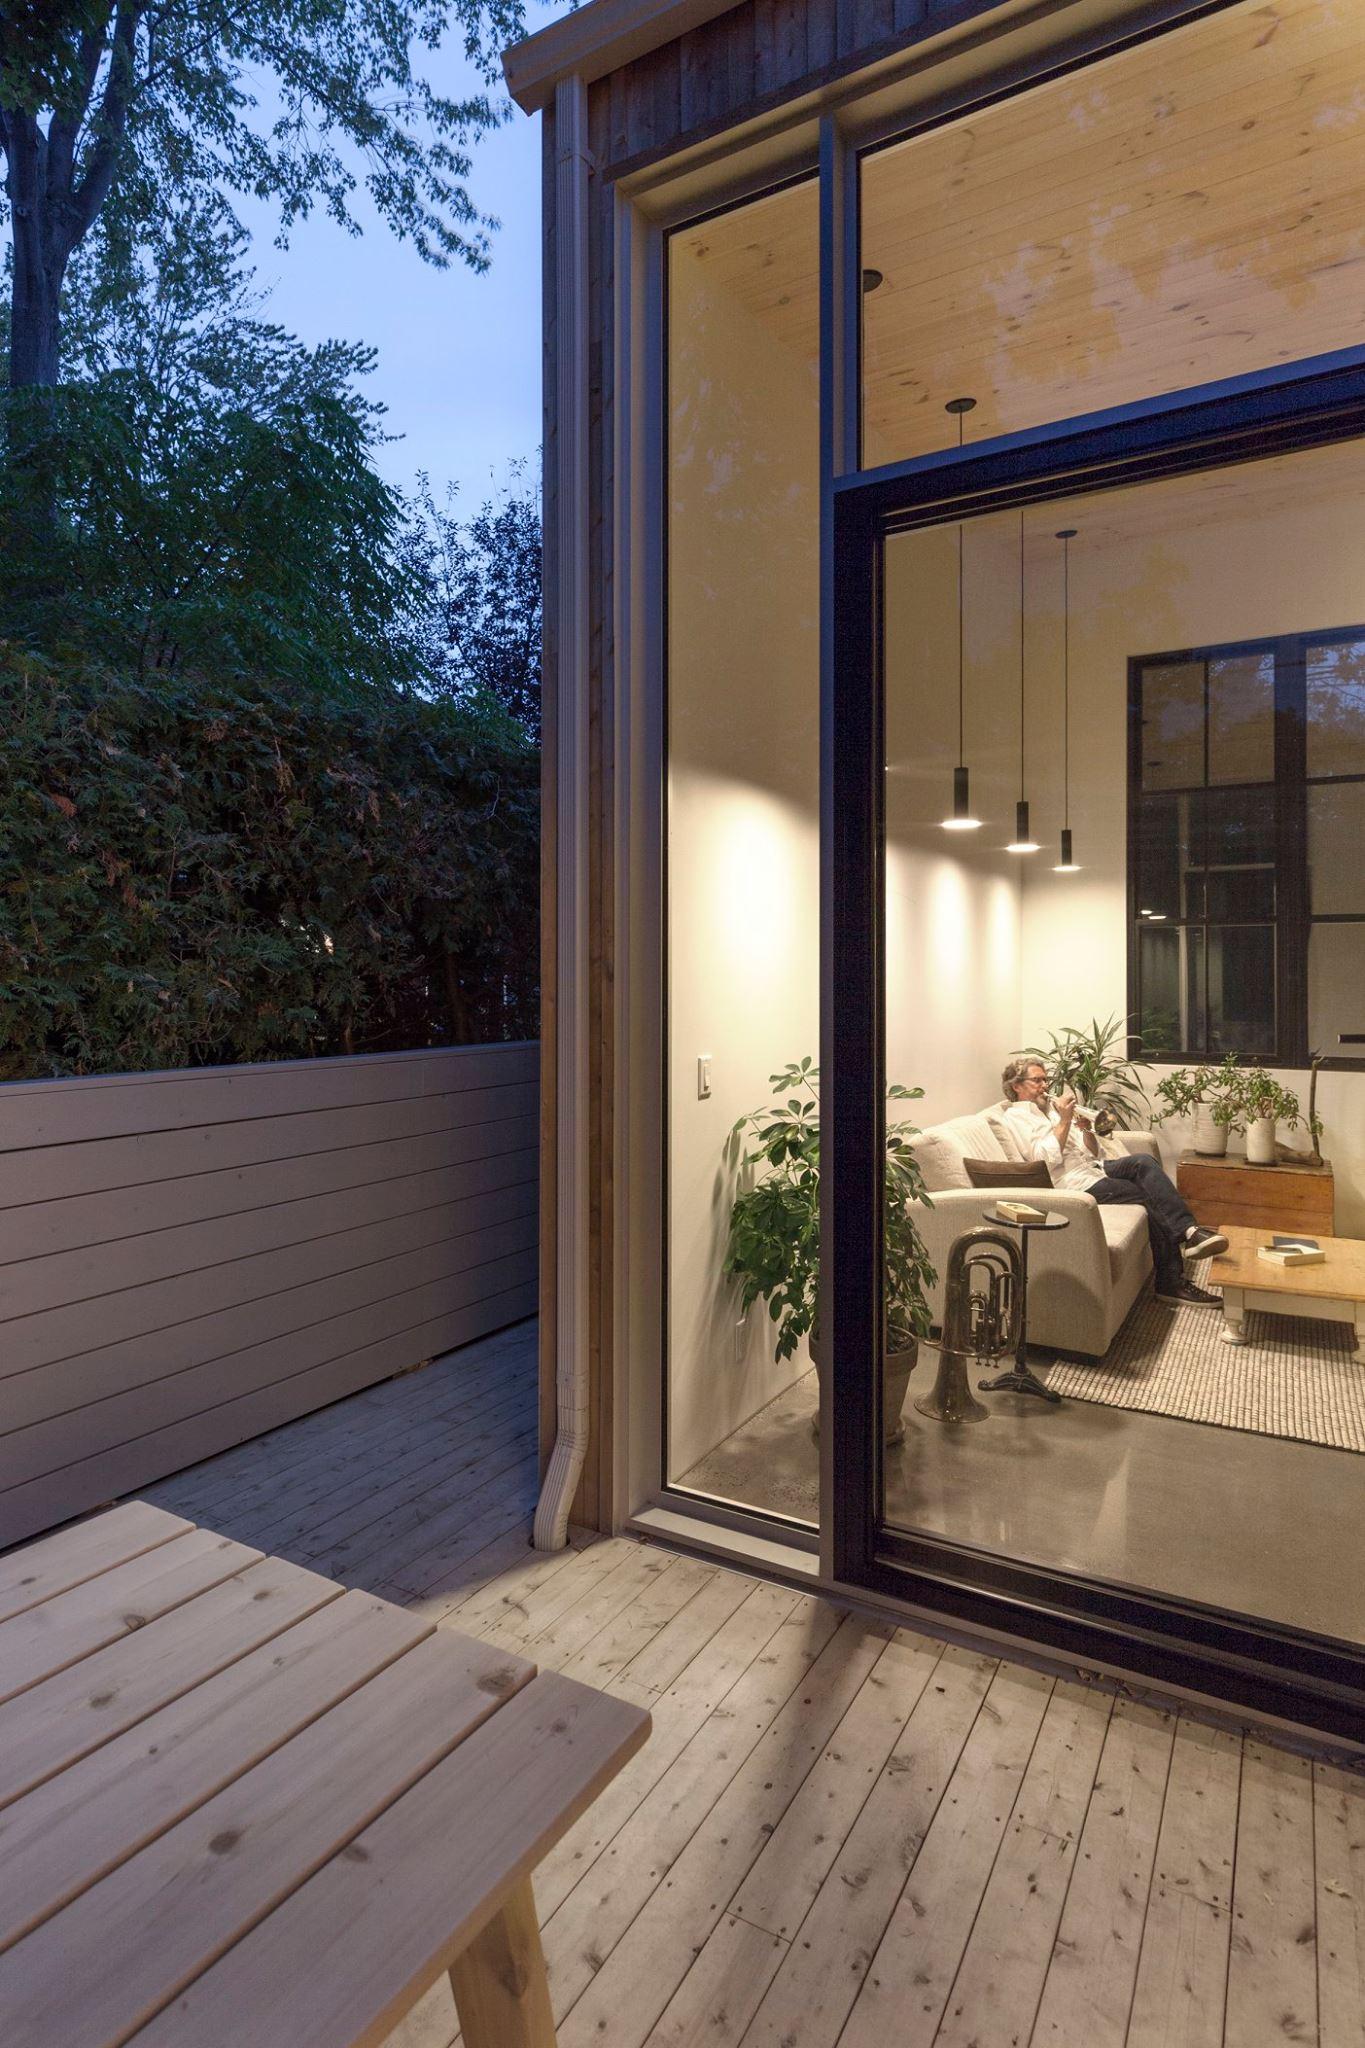 vendre sa maison et demenager dans plus petit jean luc gagnon et sa conjointe marie helene. Black Bedroom Furniture Sets. Home Design Ideas